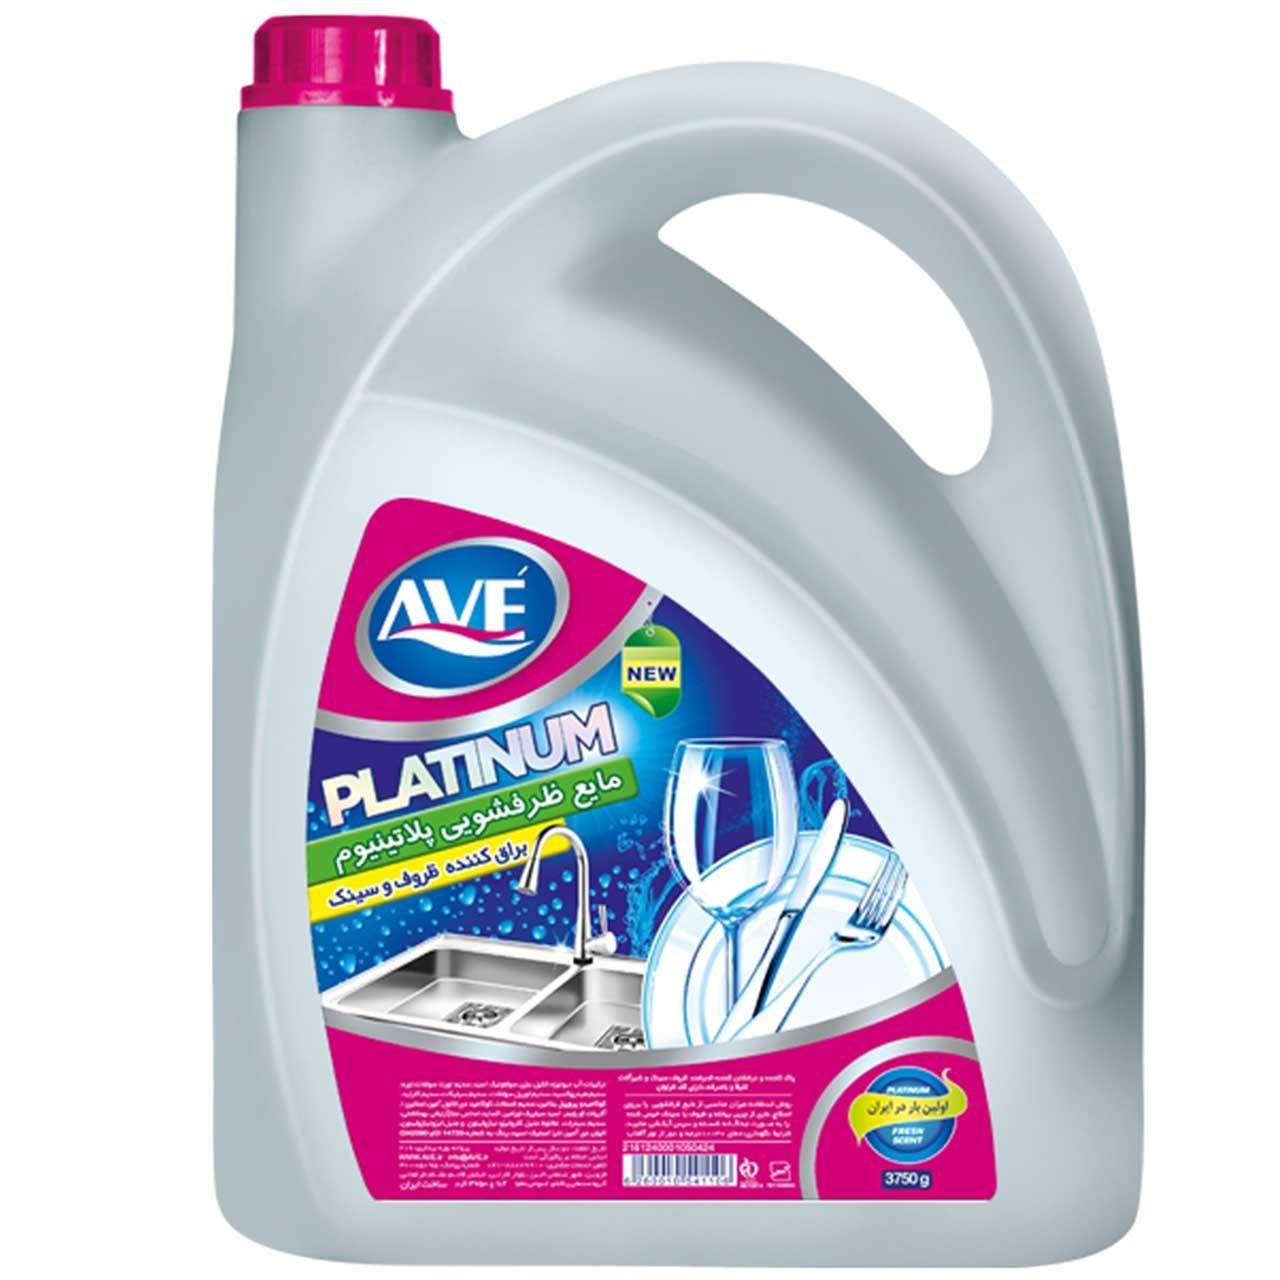 مایع ظرفشویی اوه مدل Platinum مقدار 3750 گرم